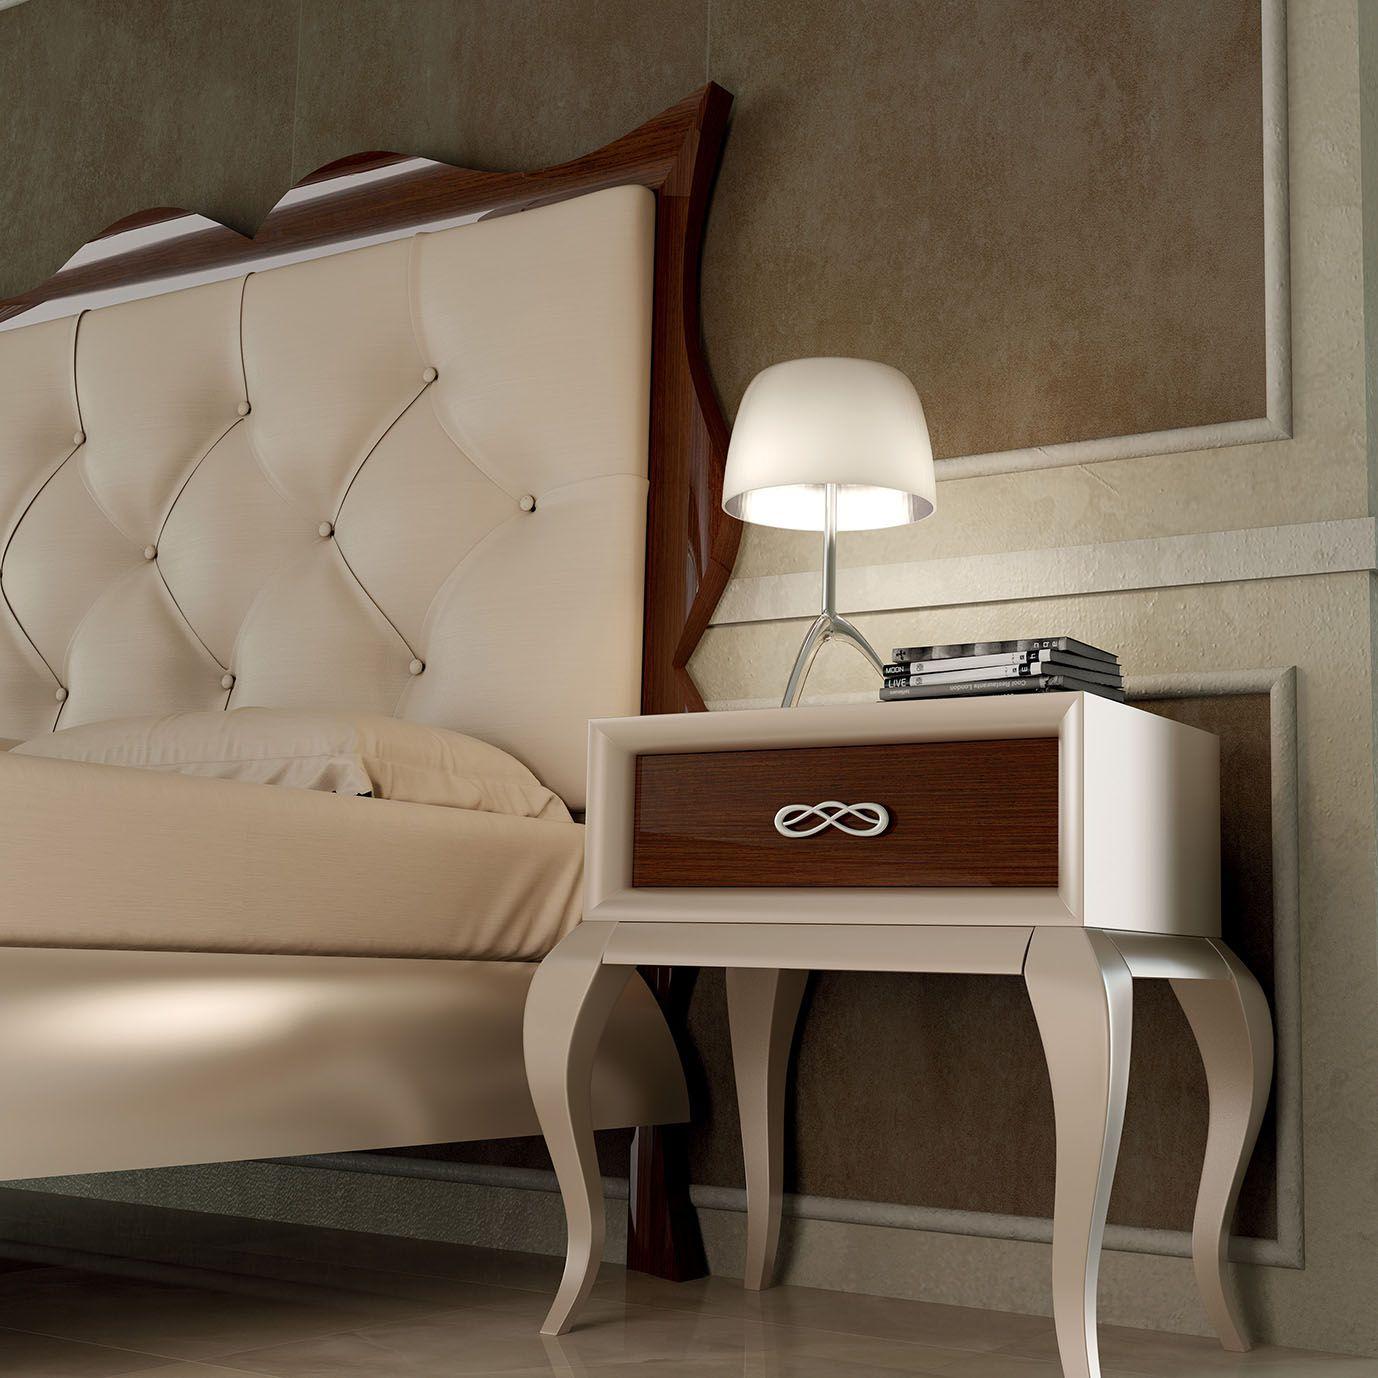 Cabeceros de cama | Muebles de Salón y Dormitorio. | muebles ...